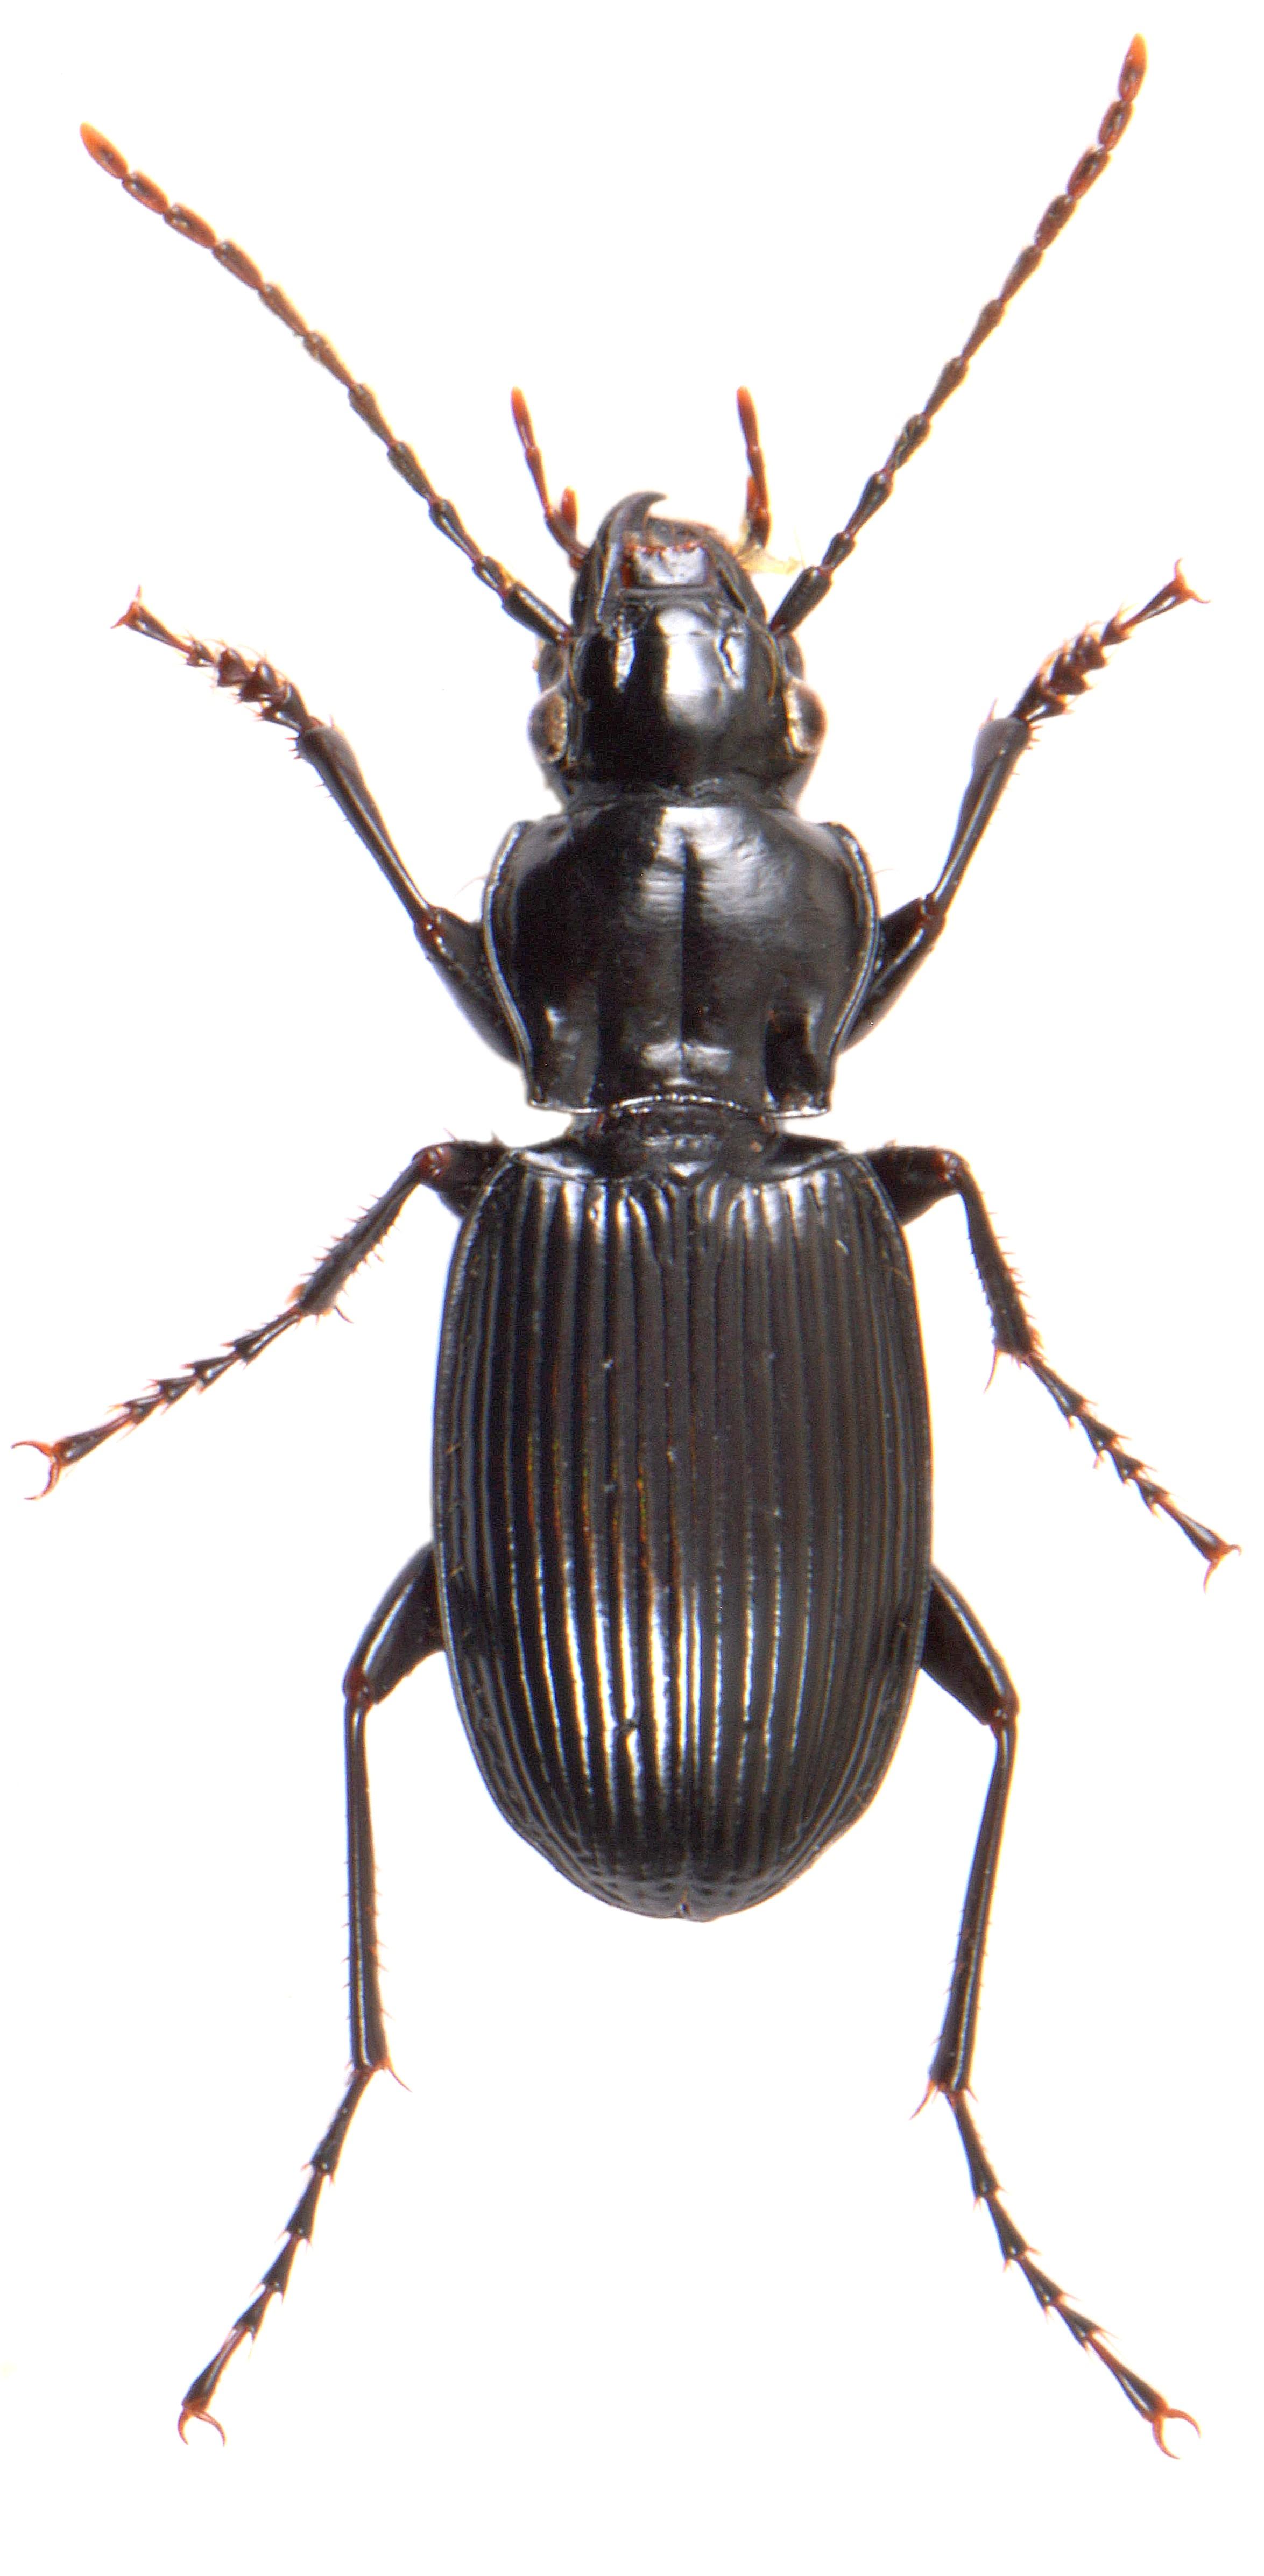 Pterostichus cristatus